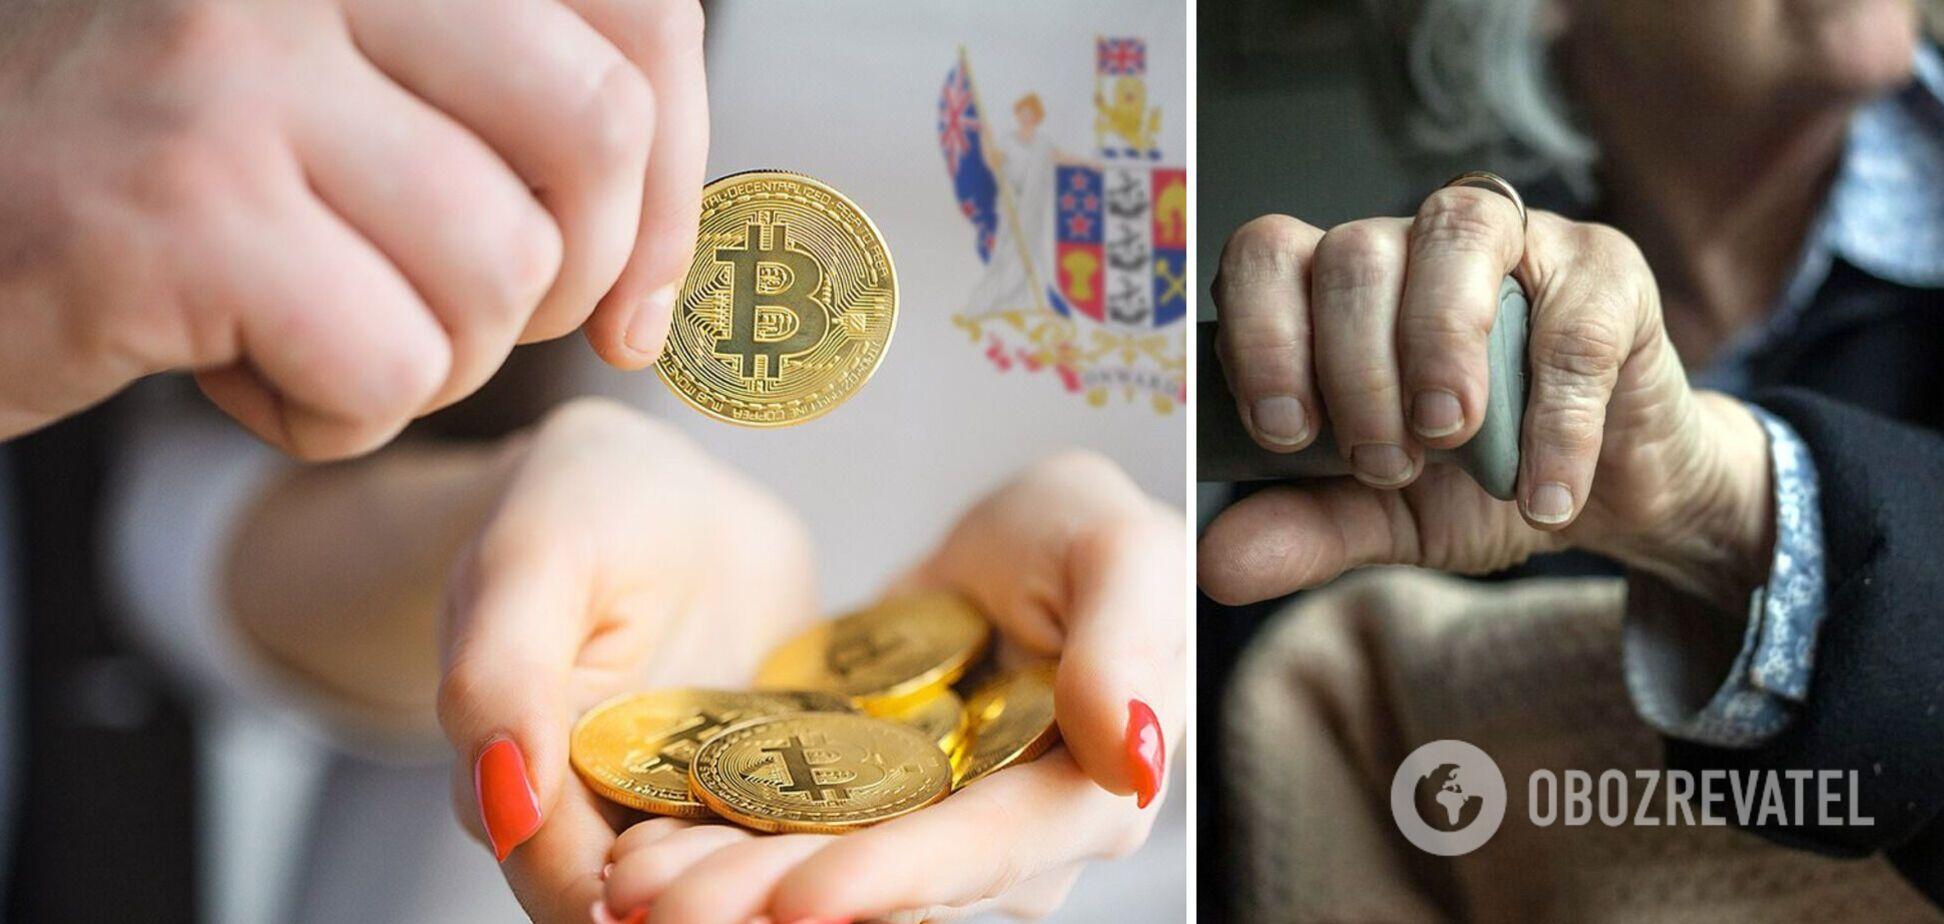 Пенсійні фонди починають експериментувати із криптовалютами